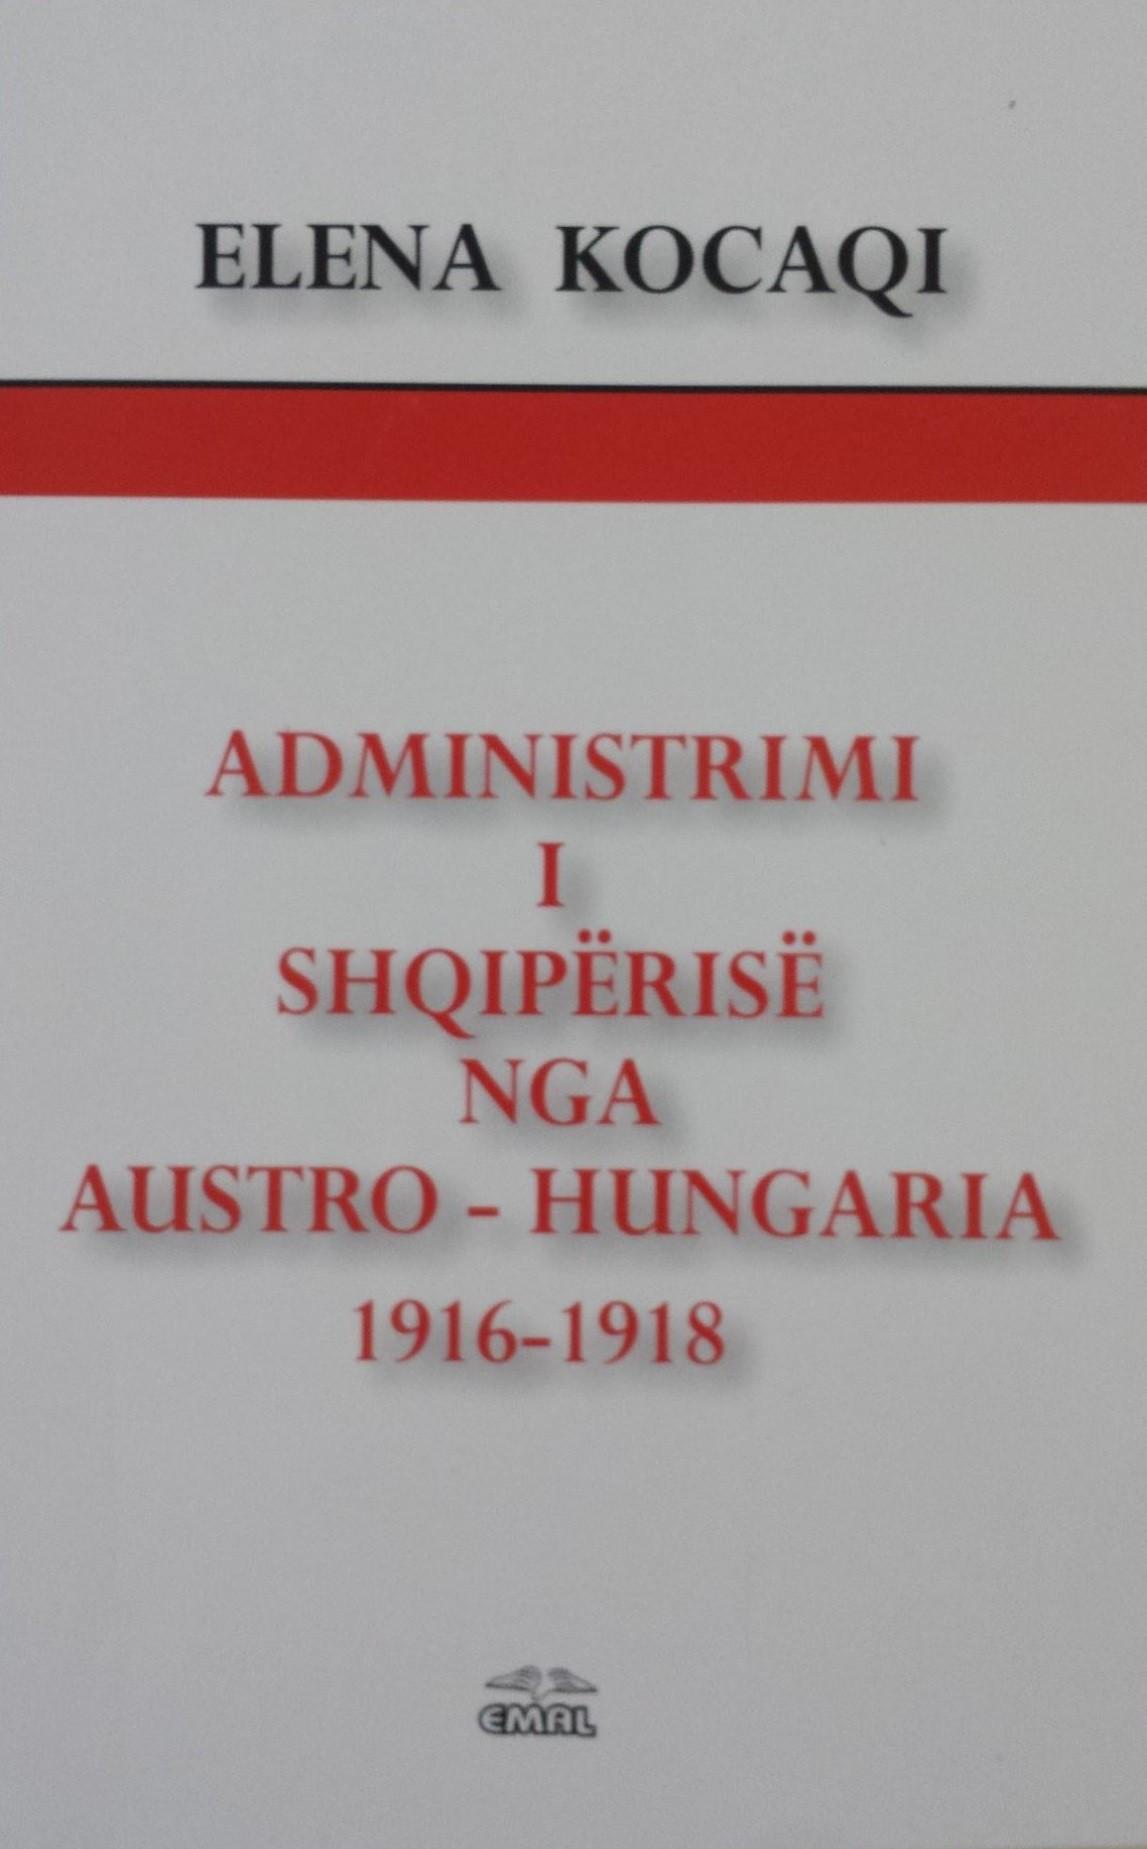 Administrimi i Shqipërisë nga Austro-Hungaria 1916-1918